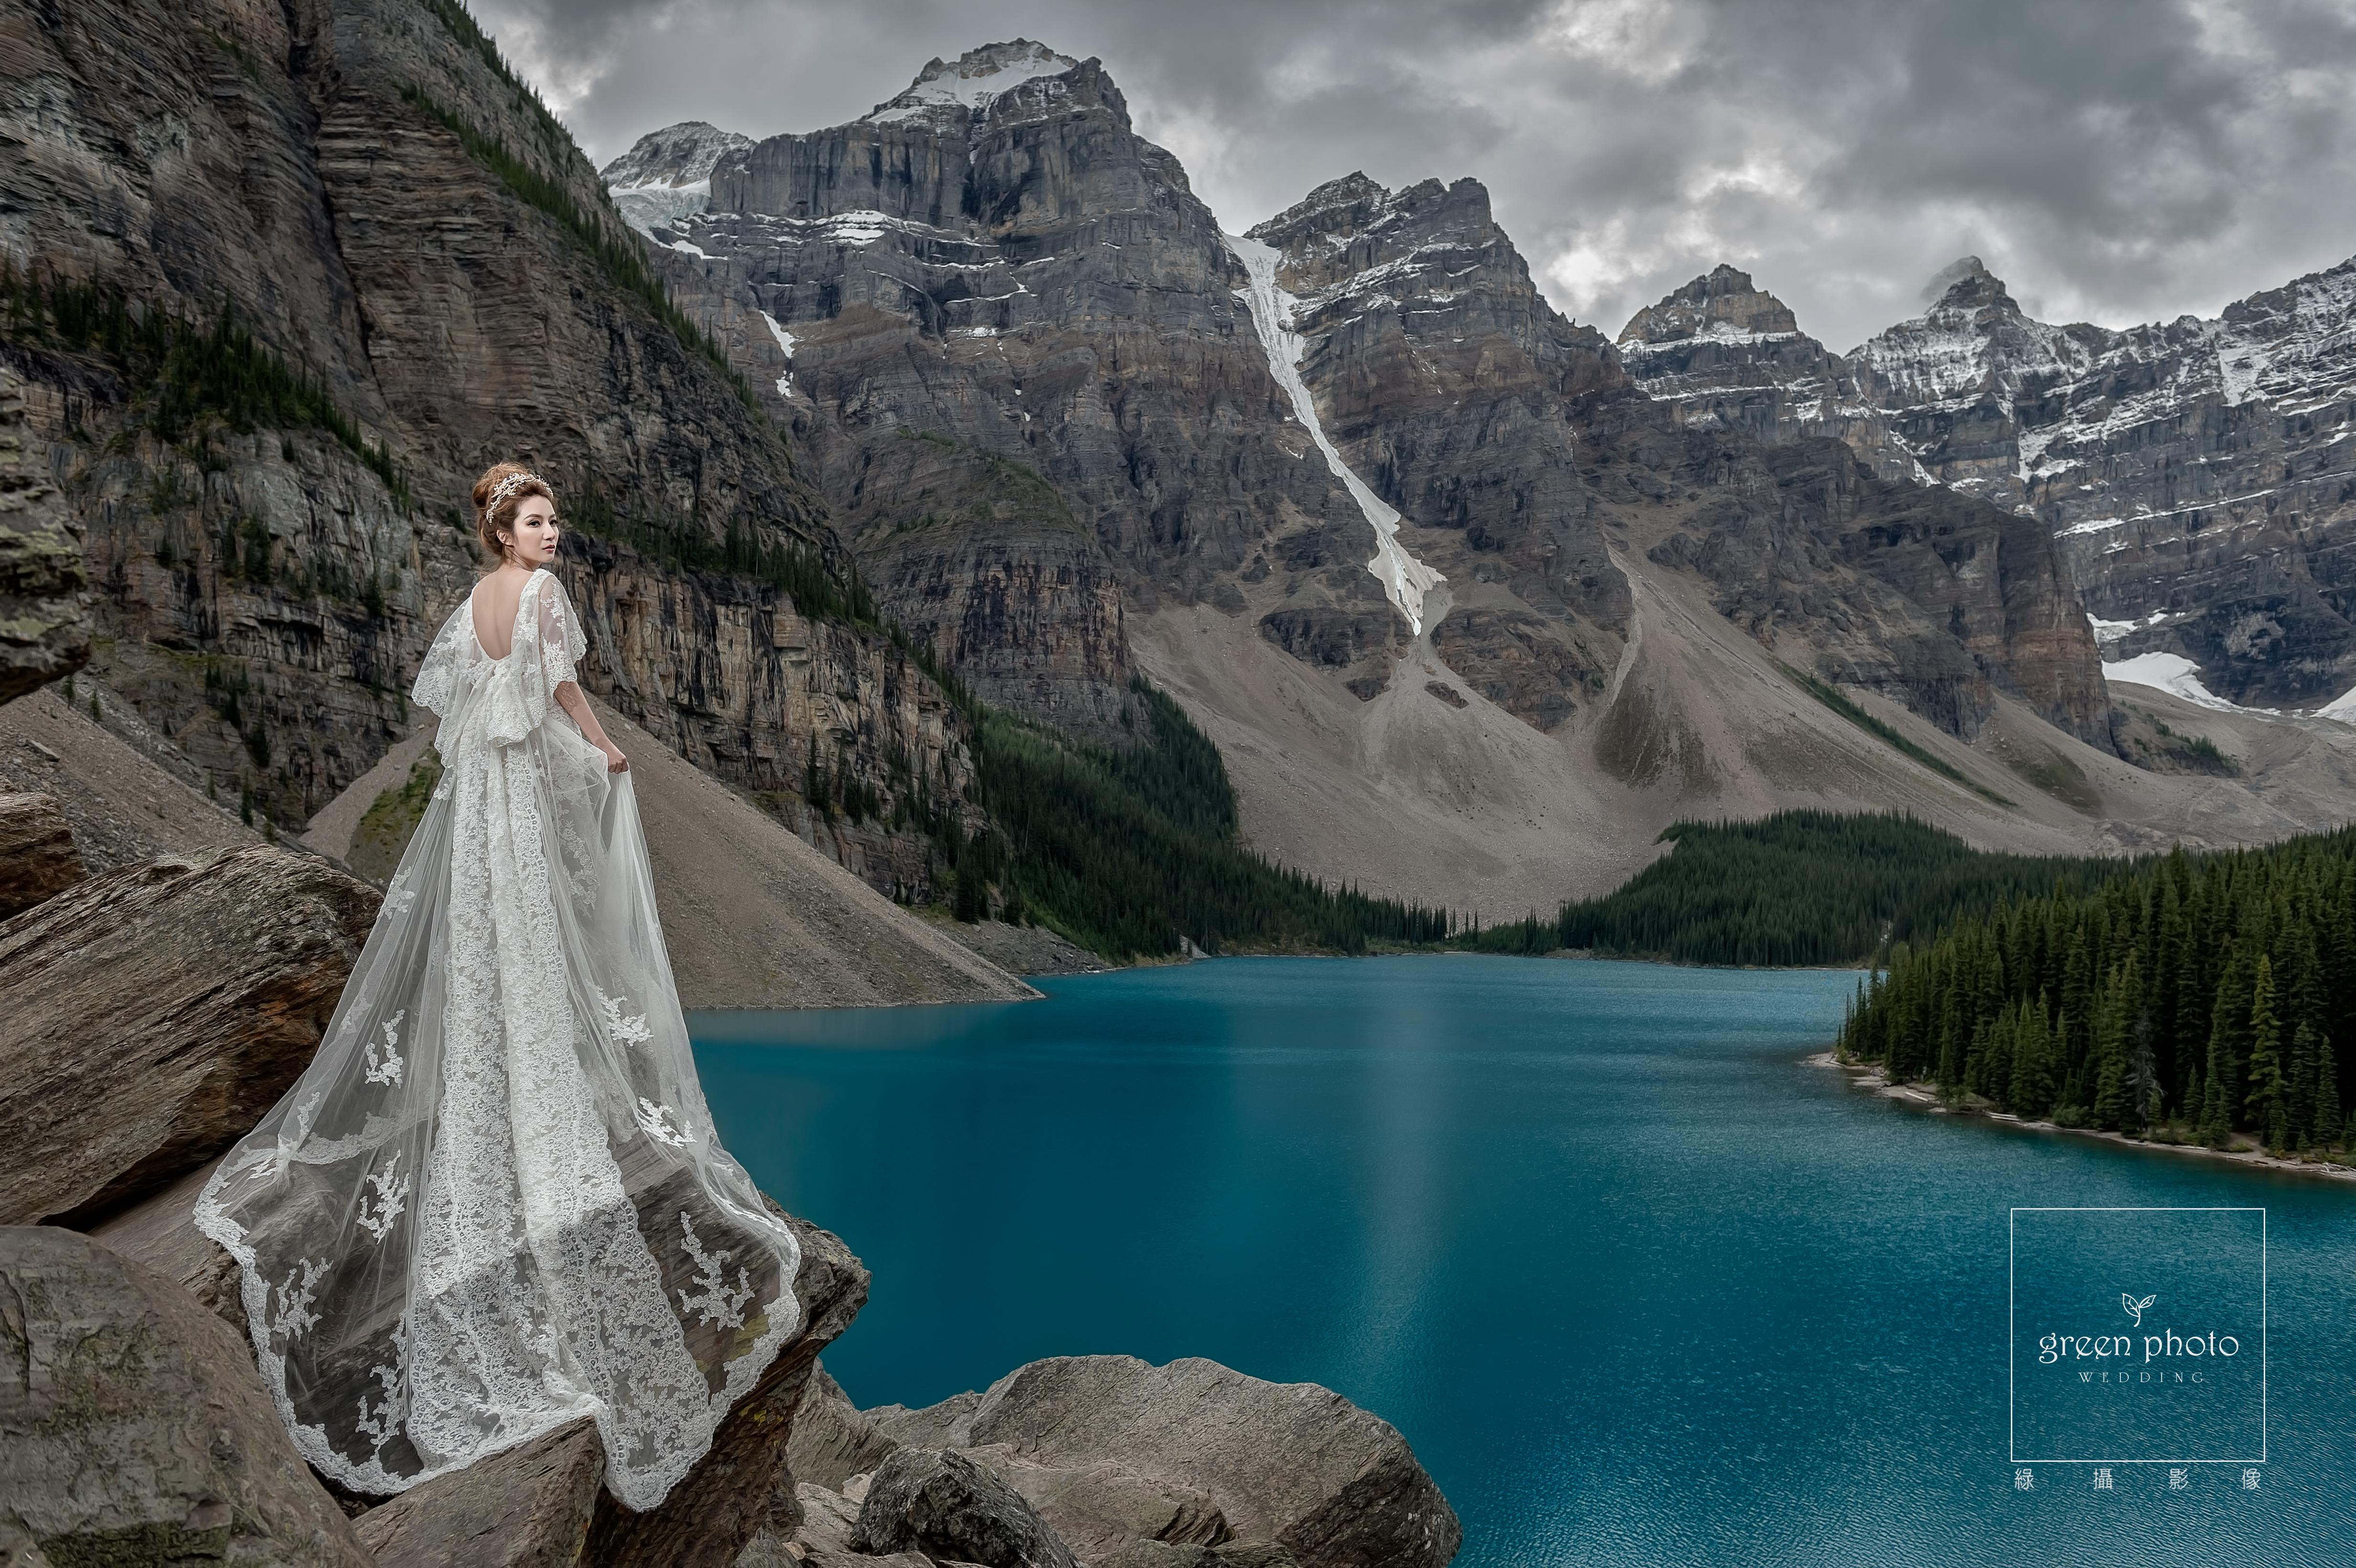 綠攝影像,武少,海外婚紗,加拿大婚紗